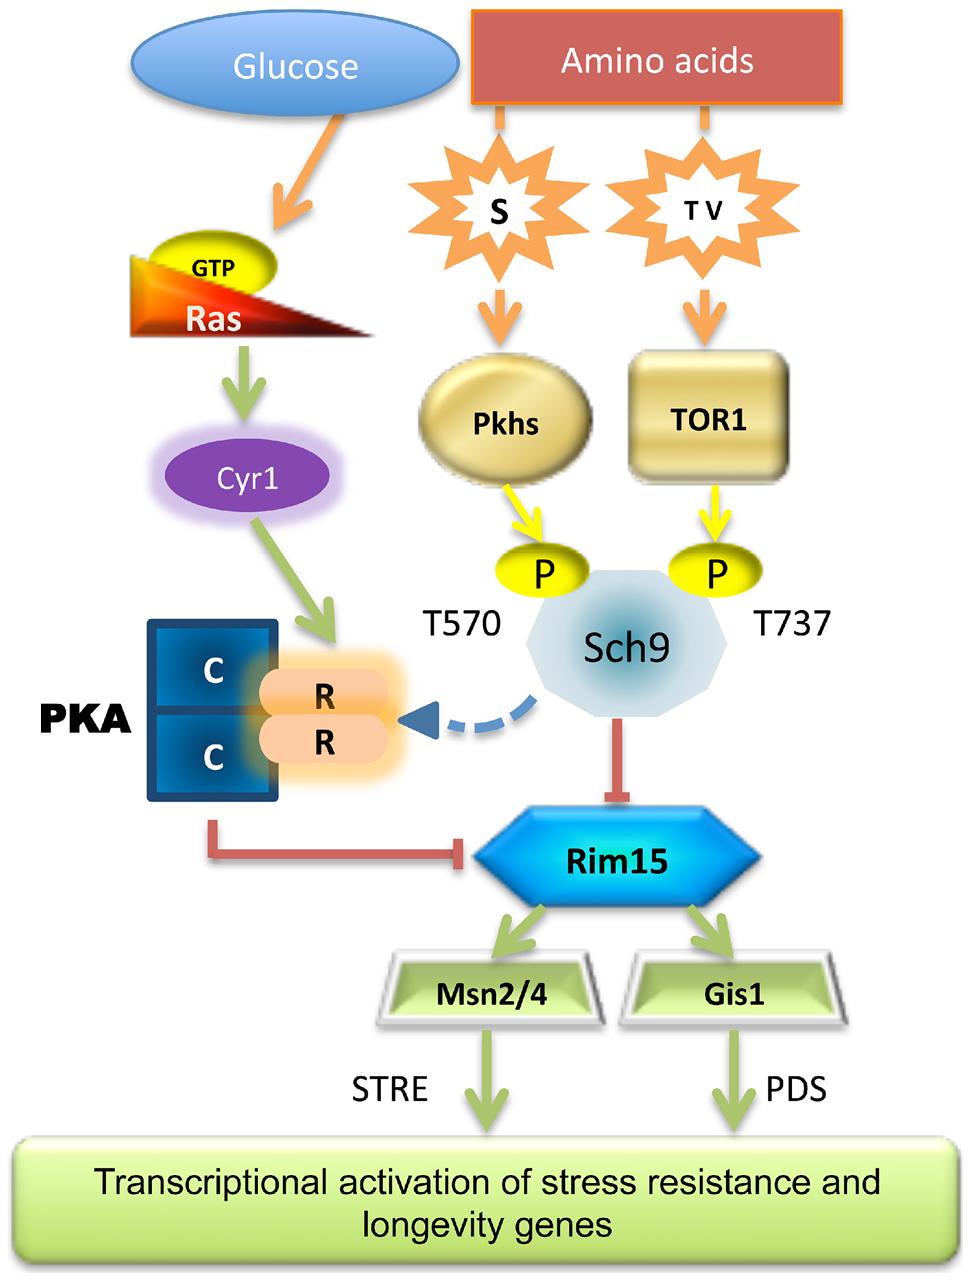 Scheme of the nutrient pathways.